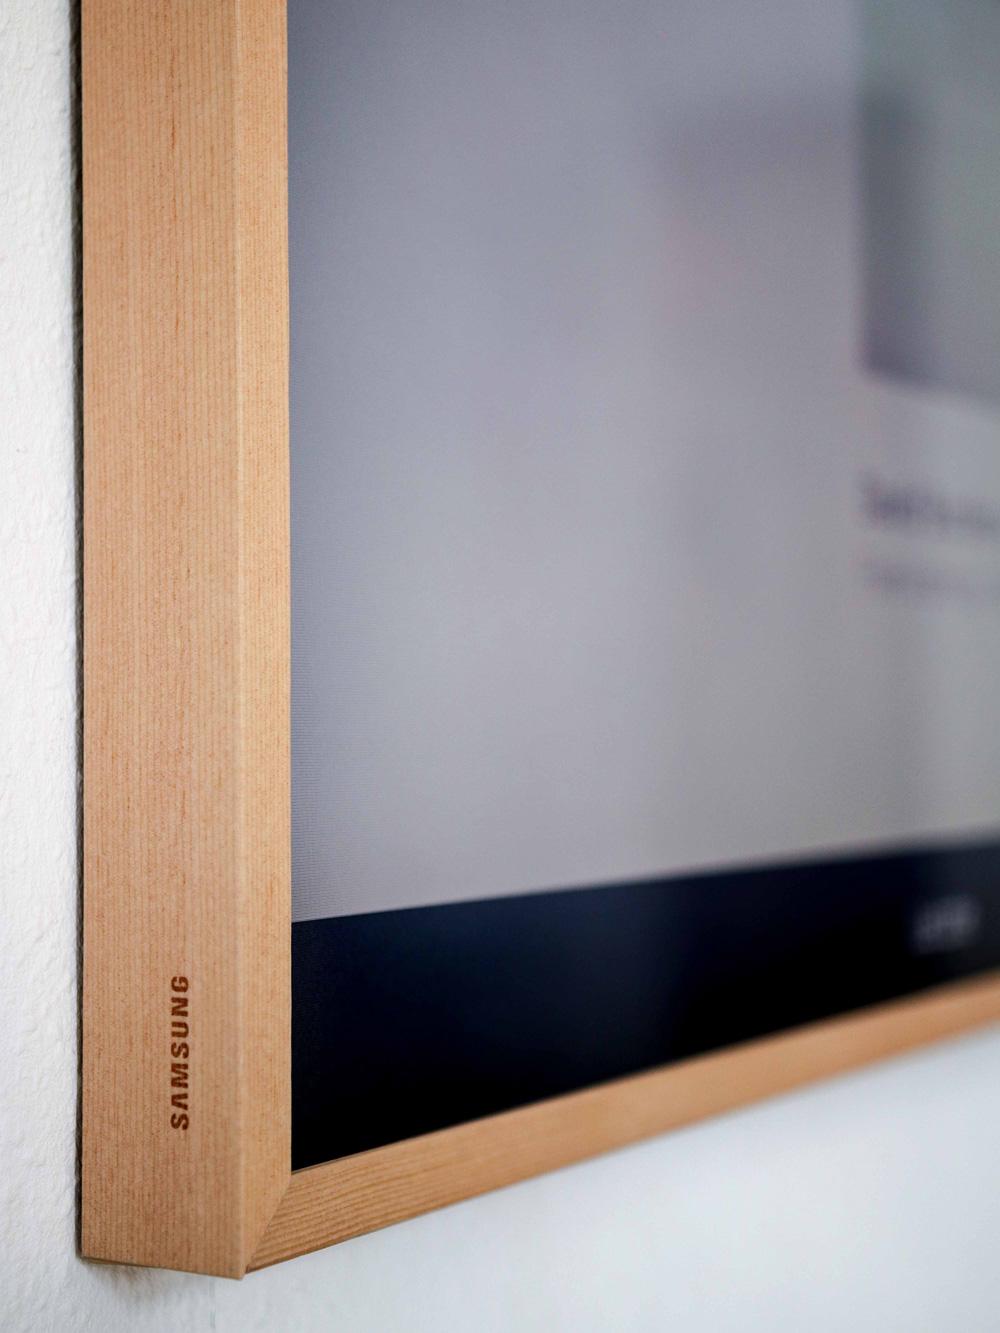 Samsung The Frame: Wenn der Fernseher zur Deko wird